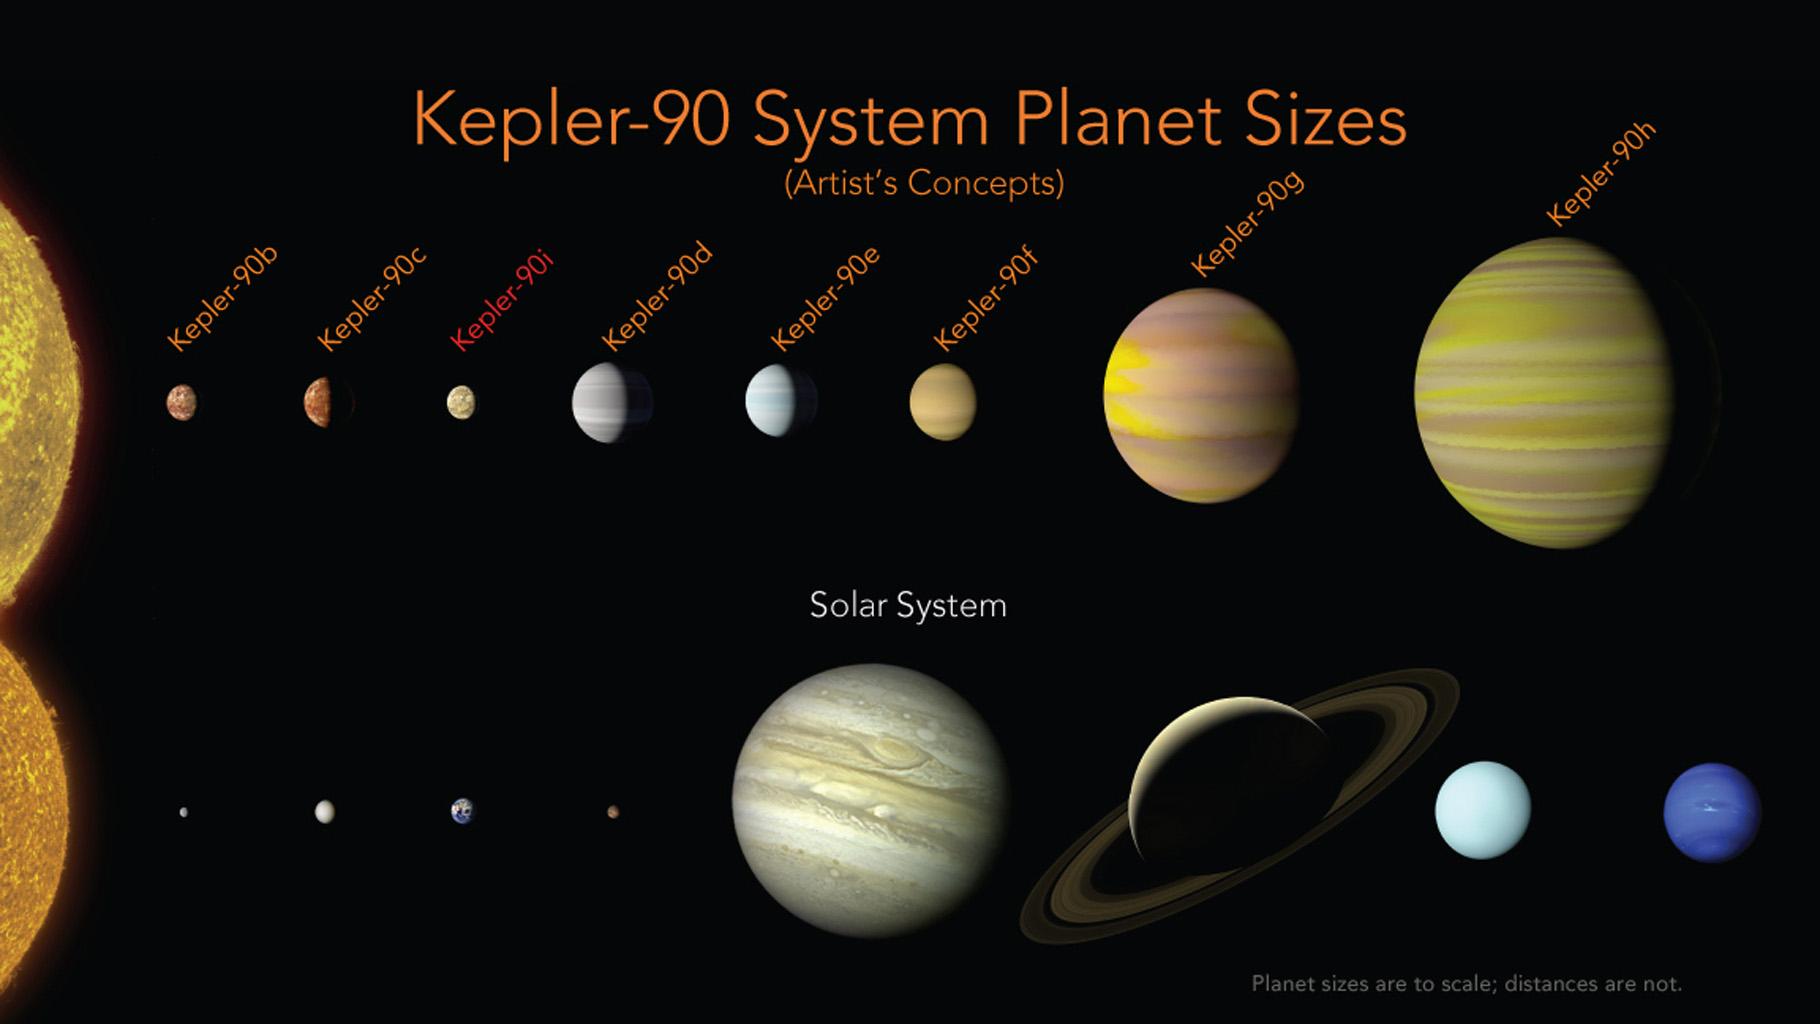 space images kepler 90